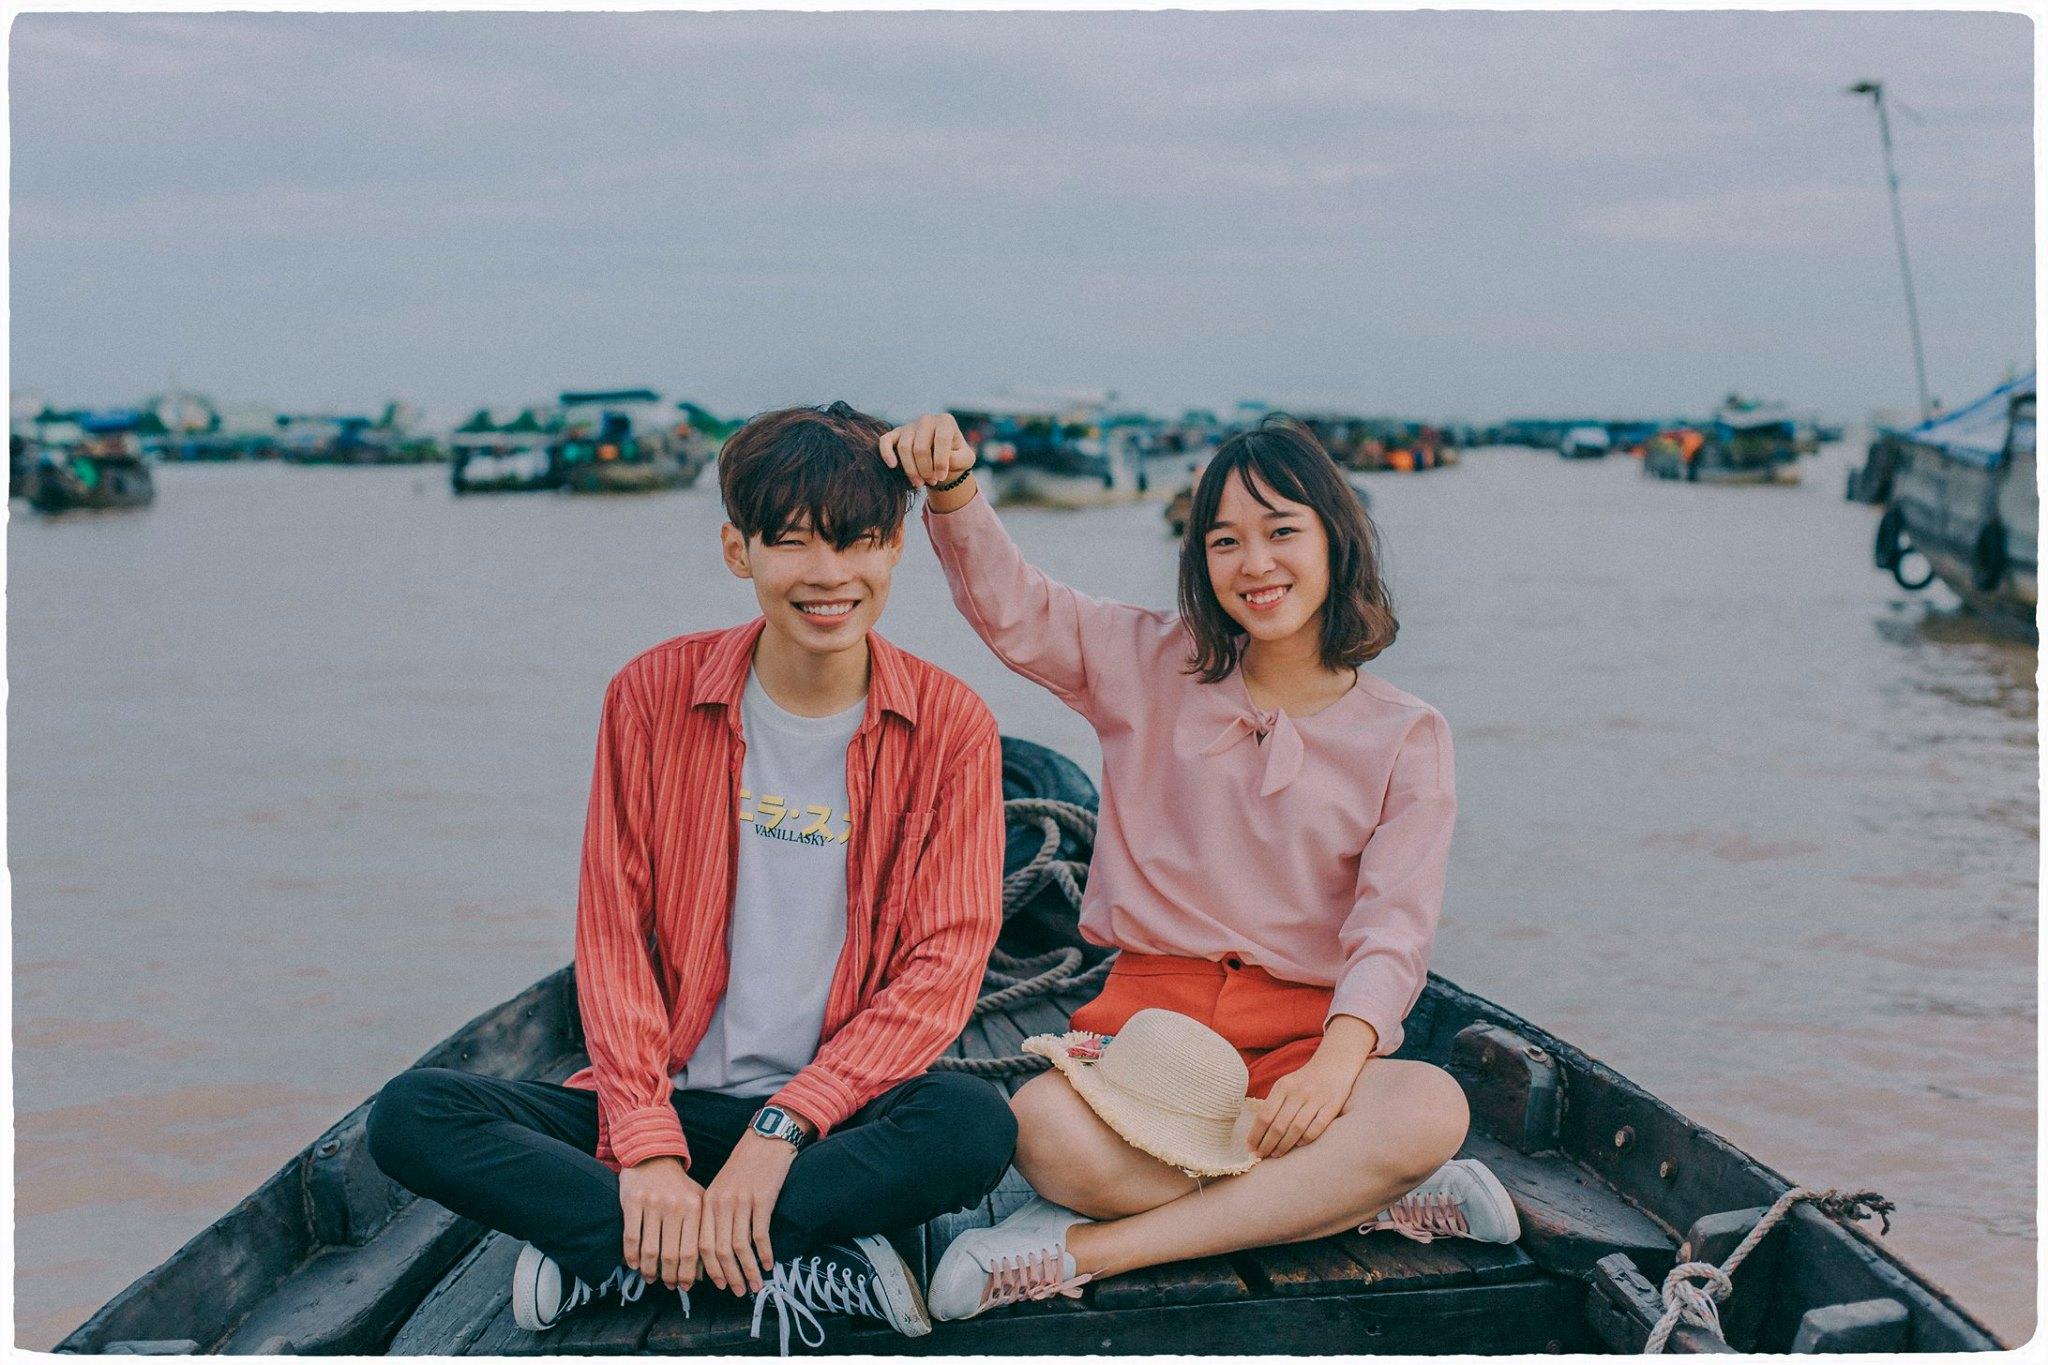 du lịch miền tây – du lịch Tiền Giang